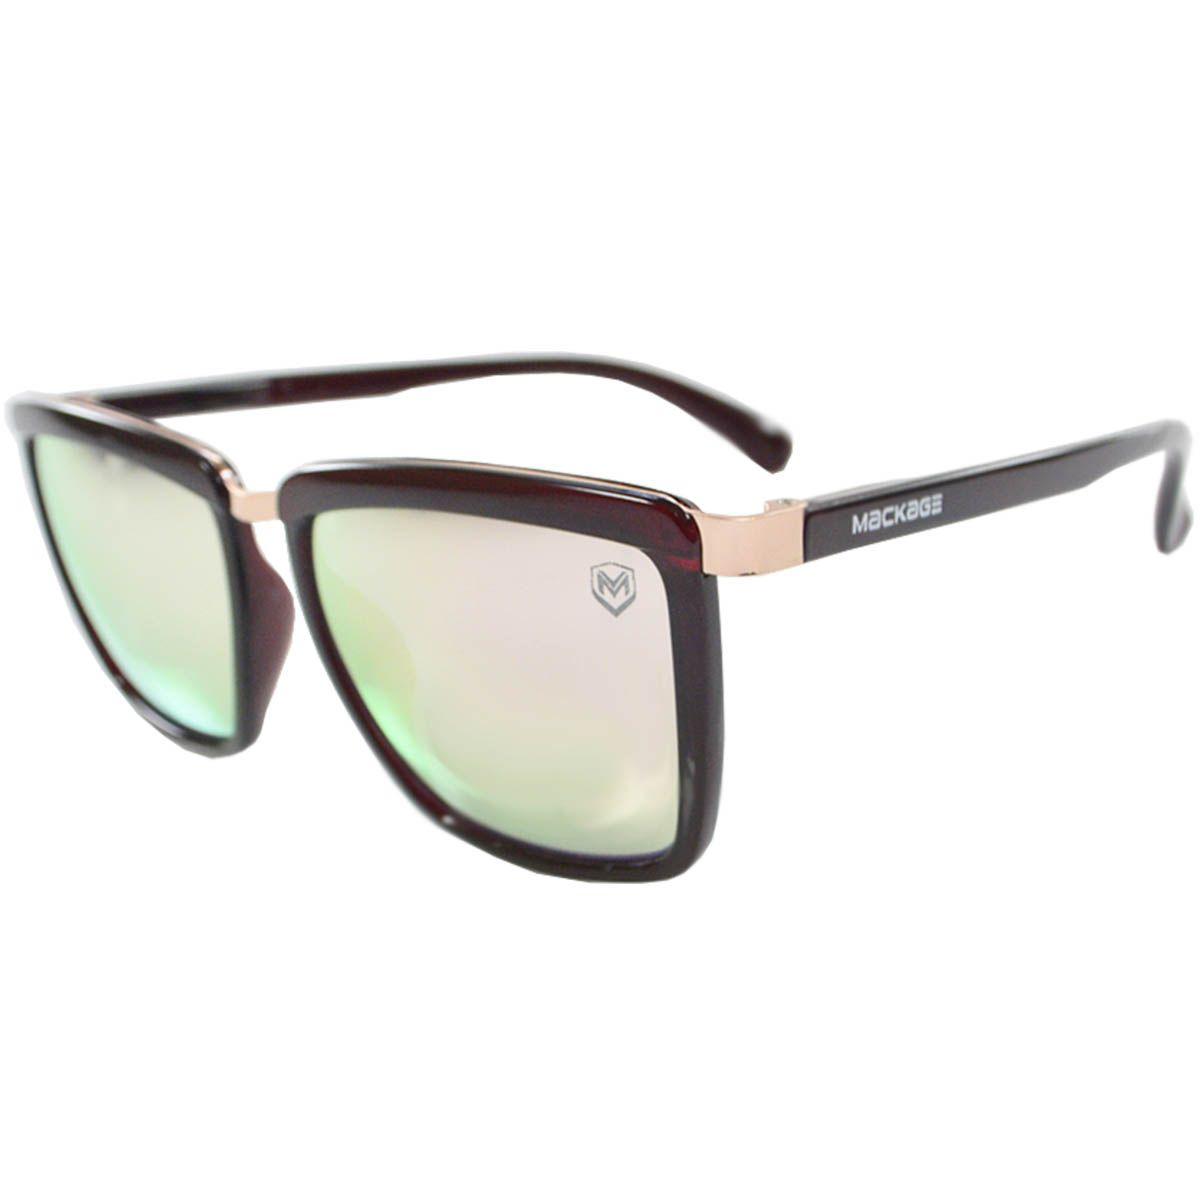 Óculos De Sol Mackage Feminino Acetato Retangular - Vinho/Espelhado